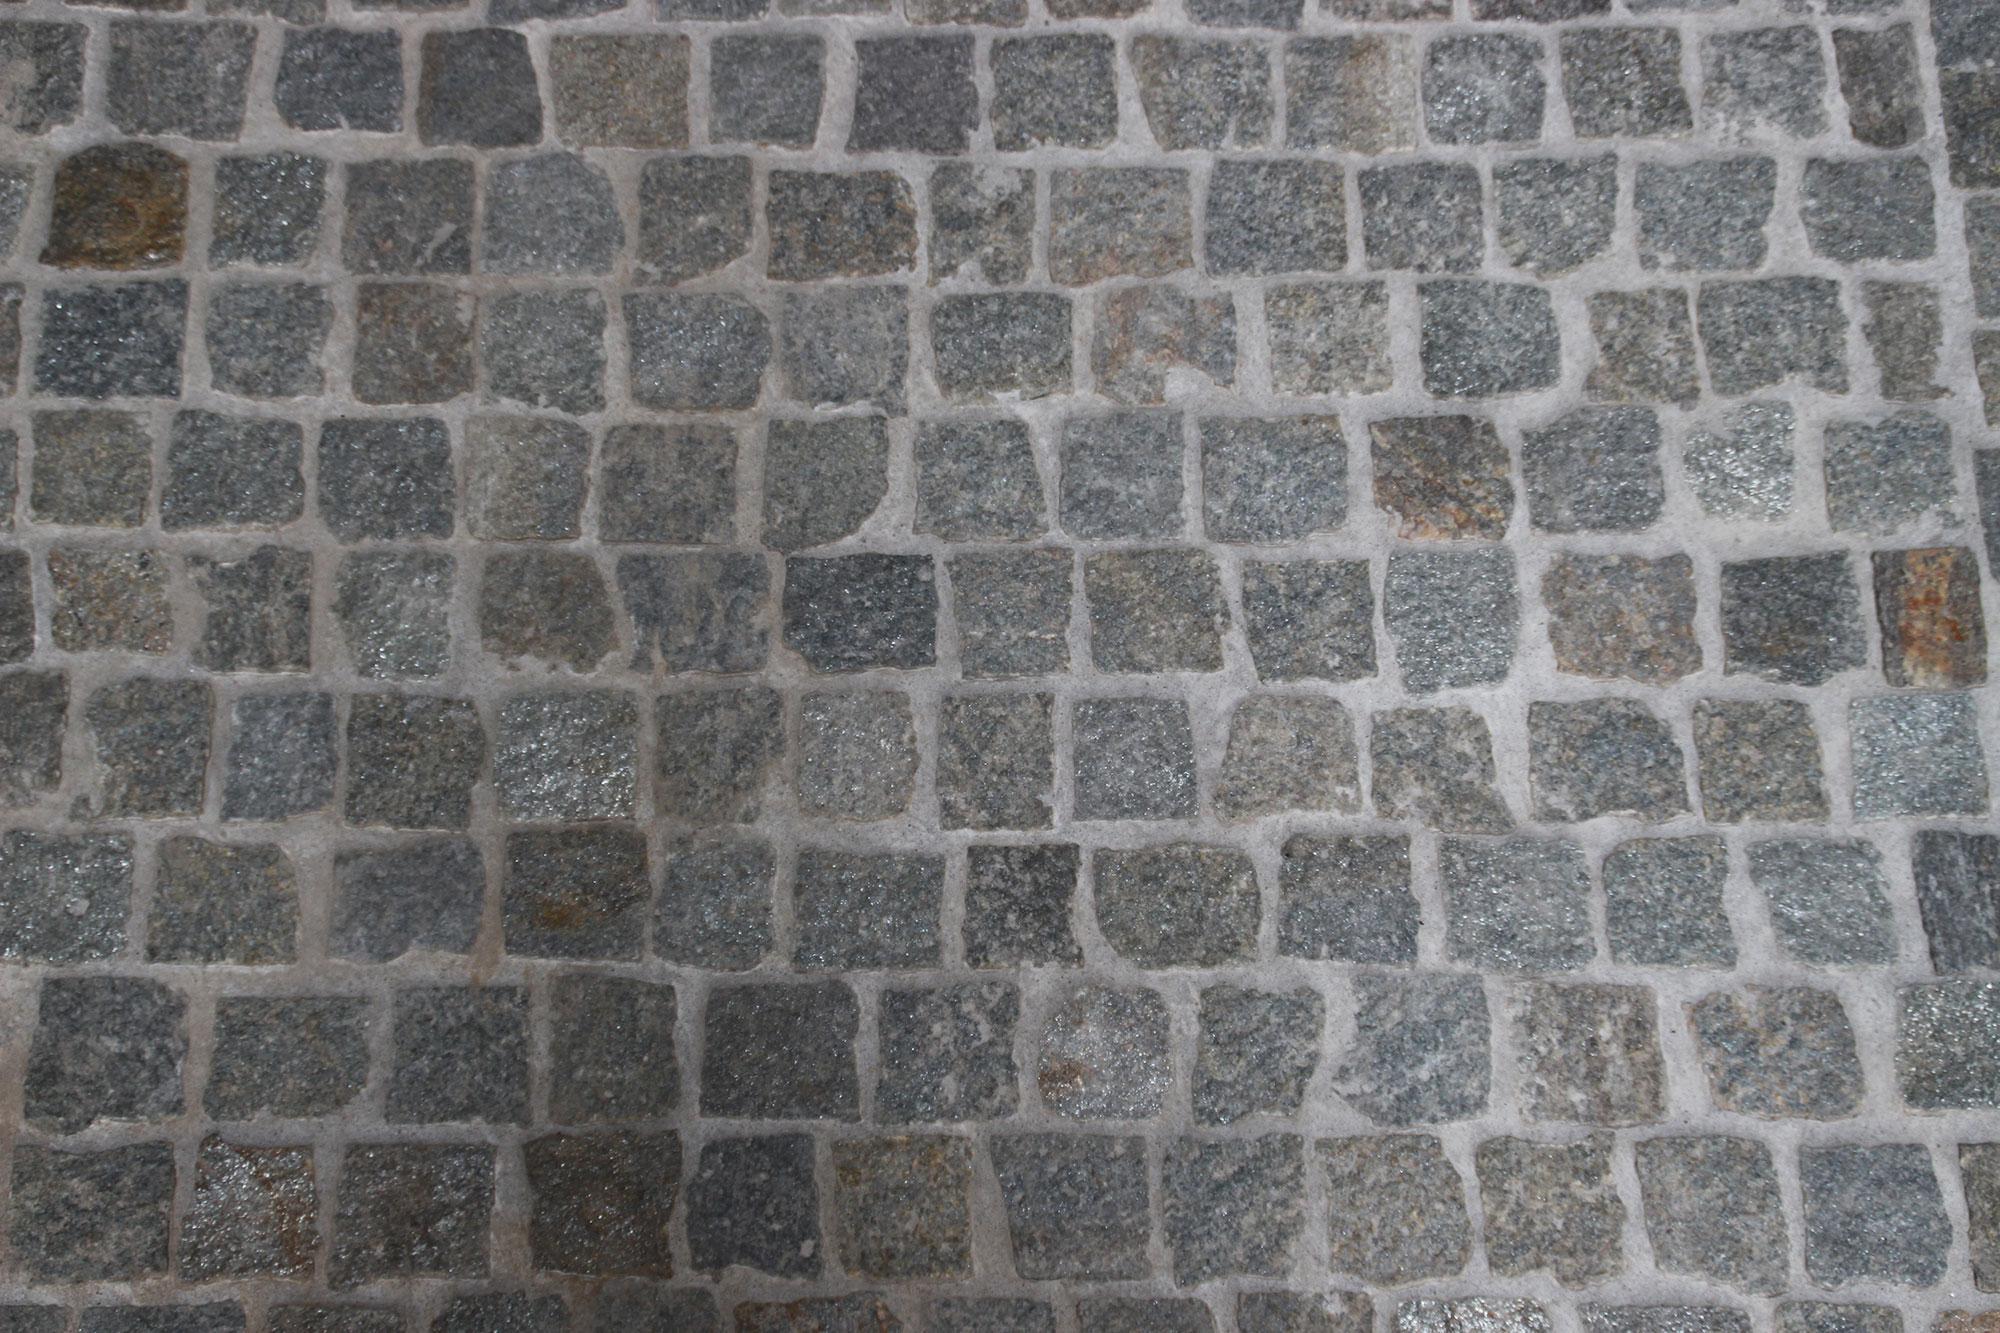 Pavimento In Pietra Di Luserna : Cubetti pietra di luserna pavimenti per esterni in pietra naturale